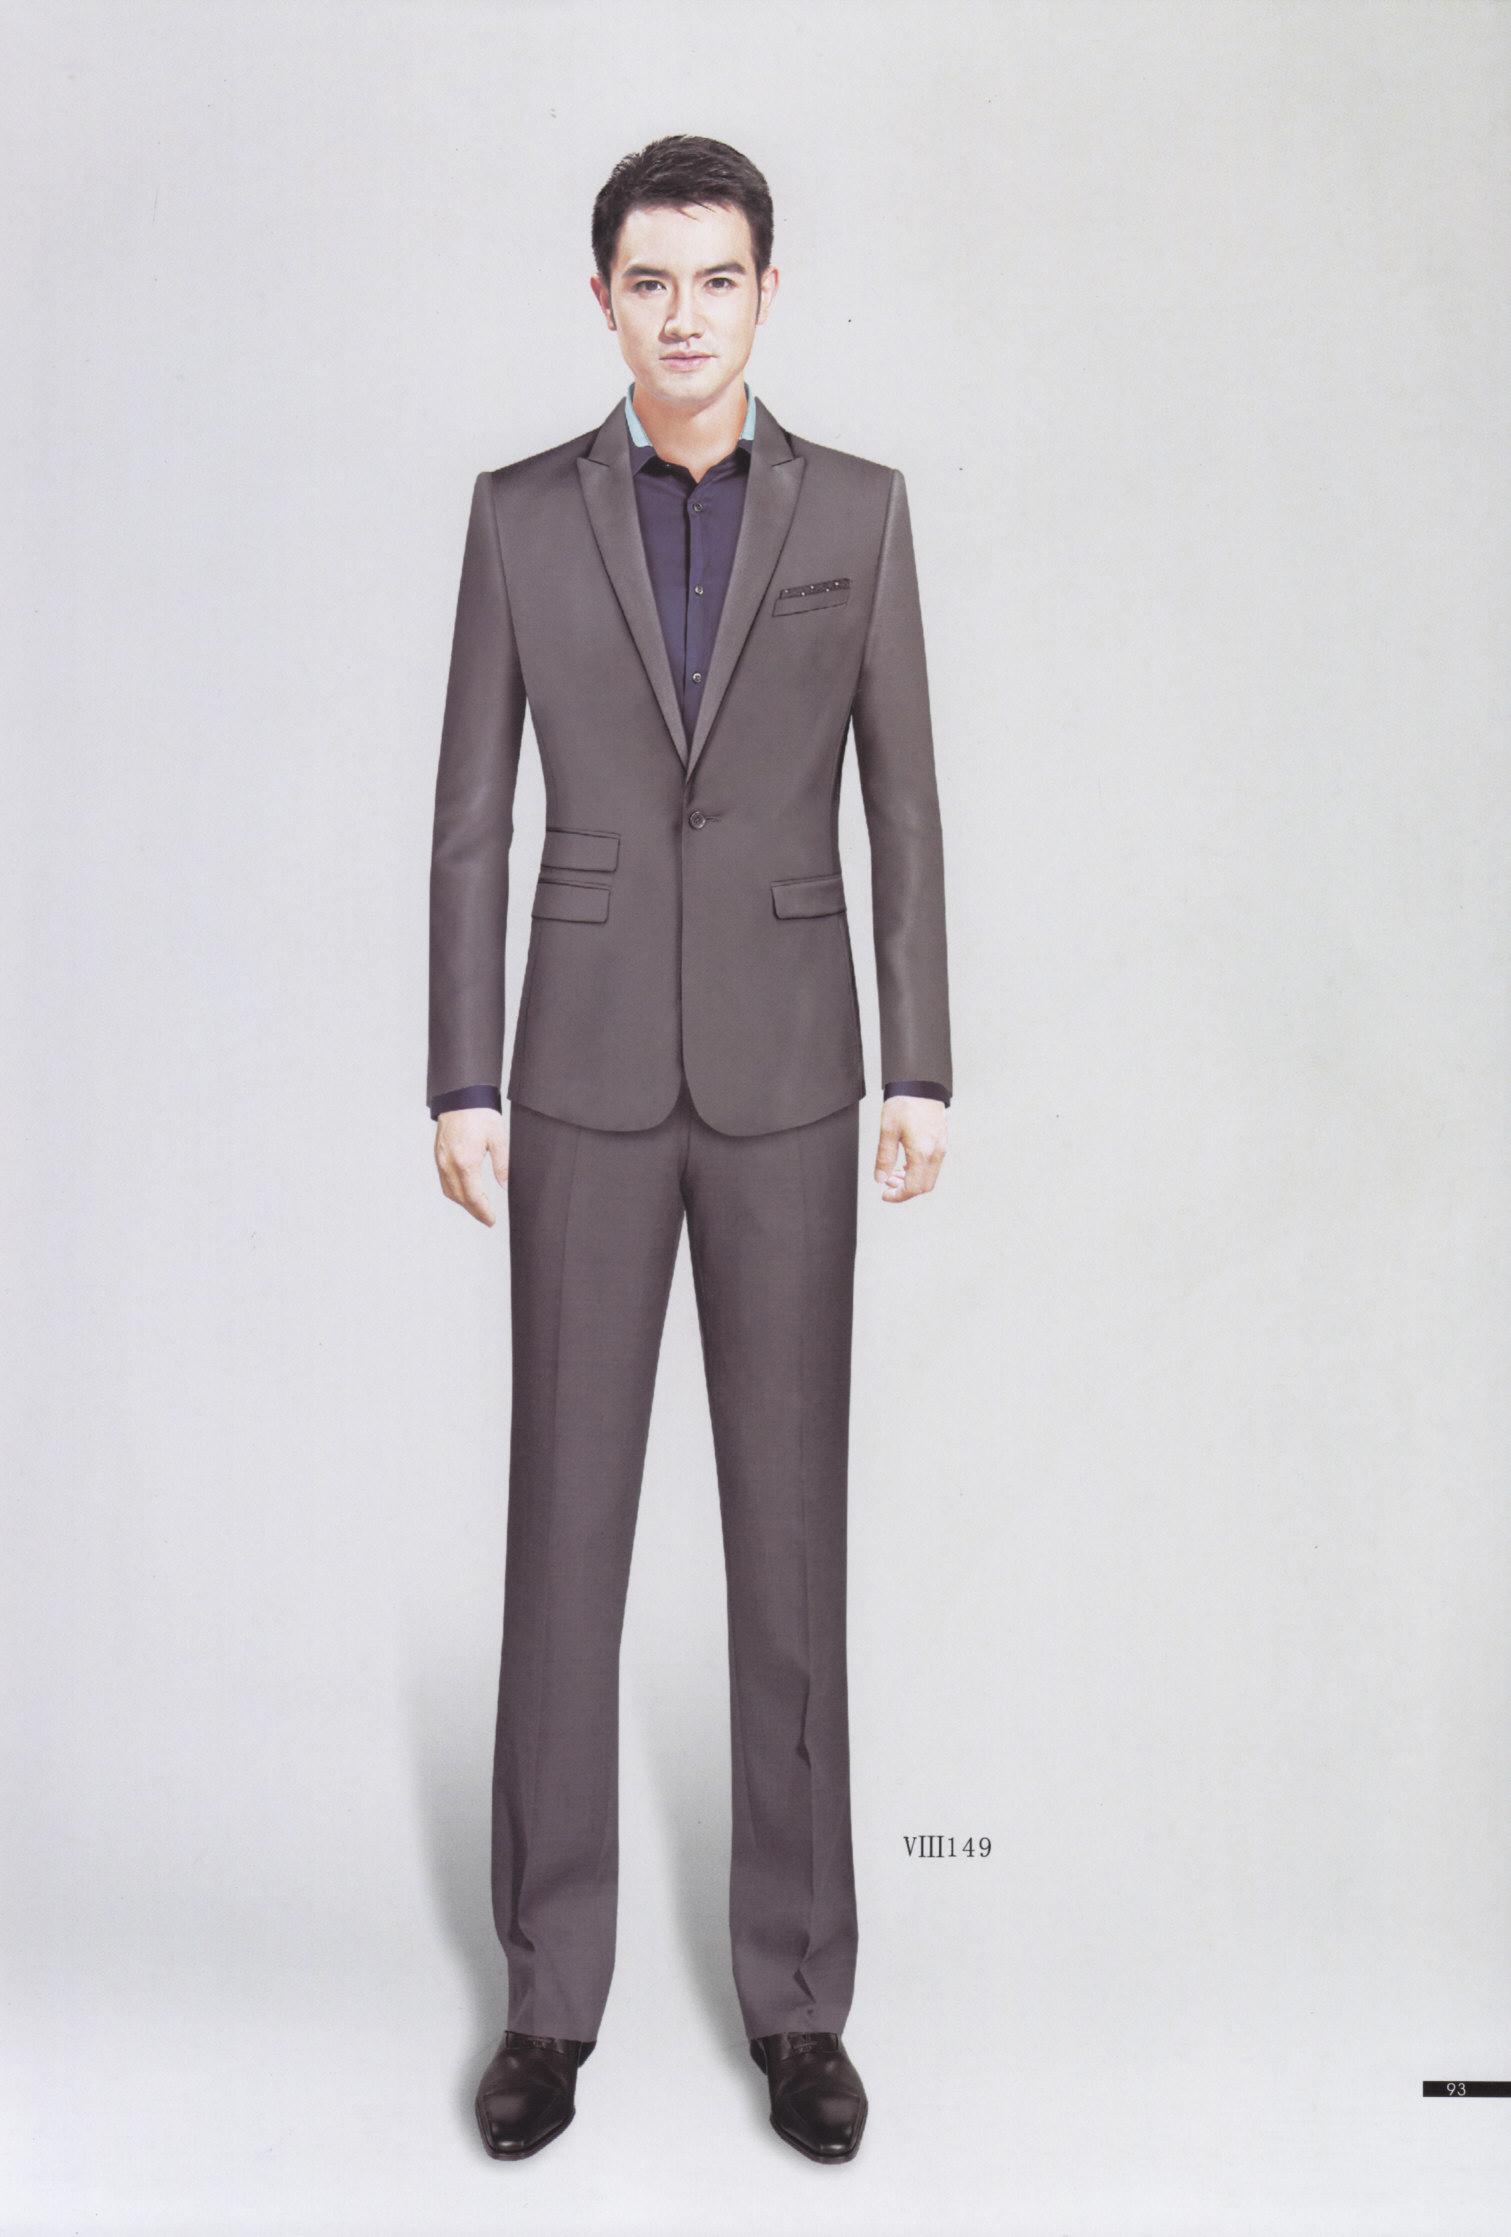 专业西服职业装工作服款式设计-专业服装生产企业-成都百姿服饰